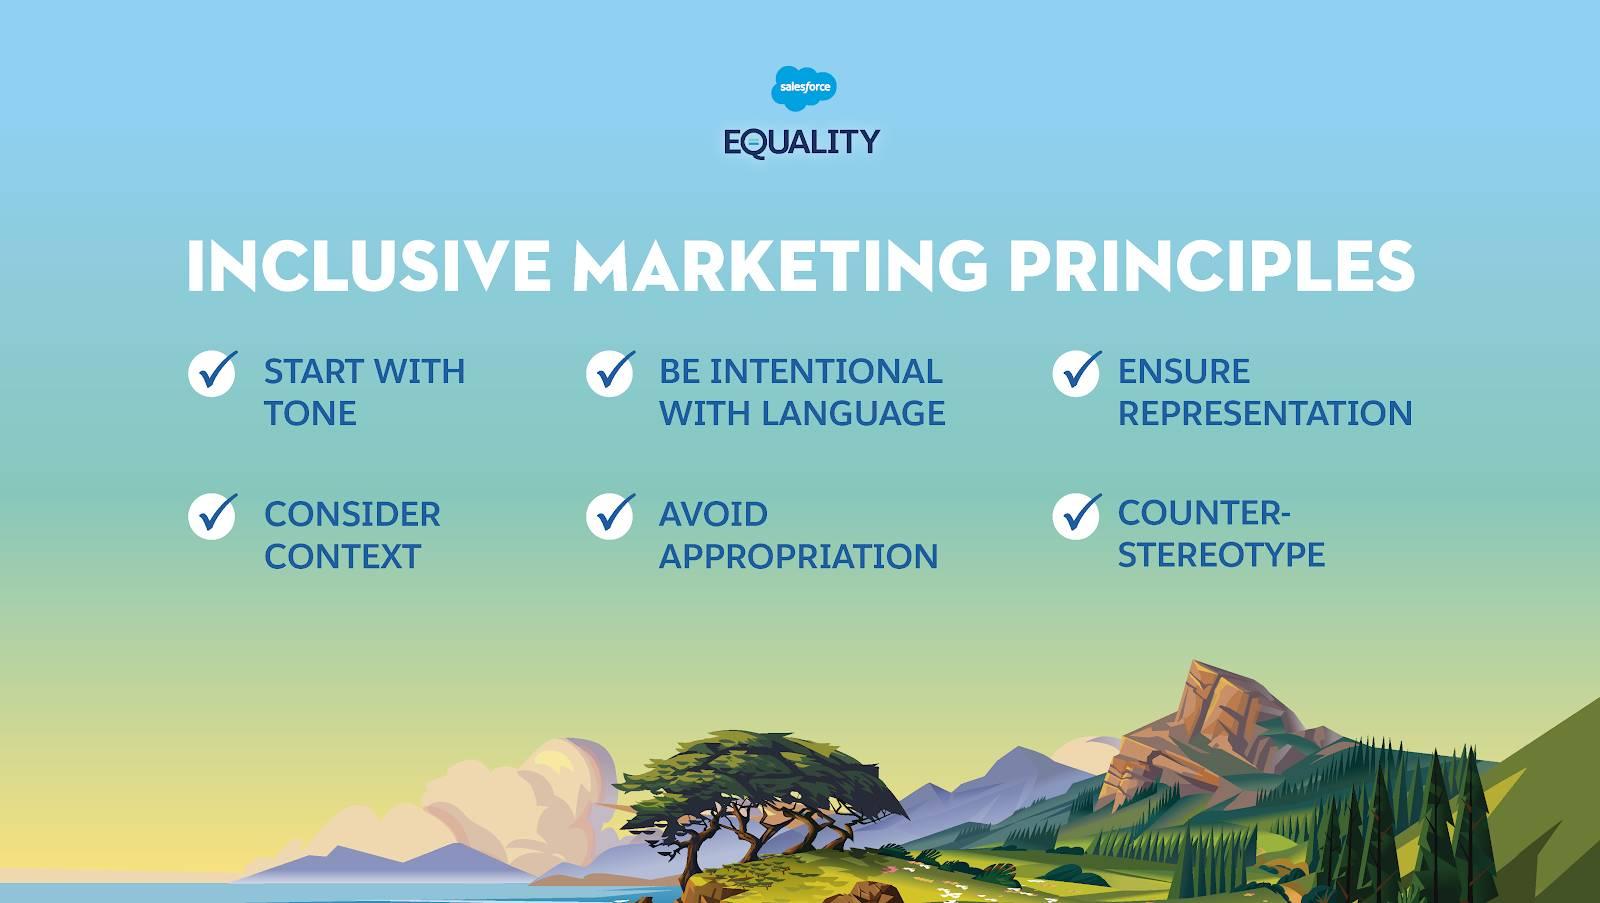 Gráfico mostrando los seis principios del marketing inclusivo que se enumeran a continuación.